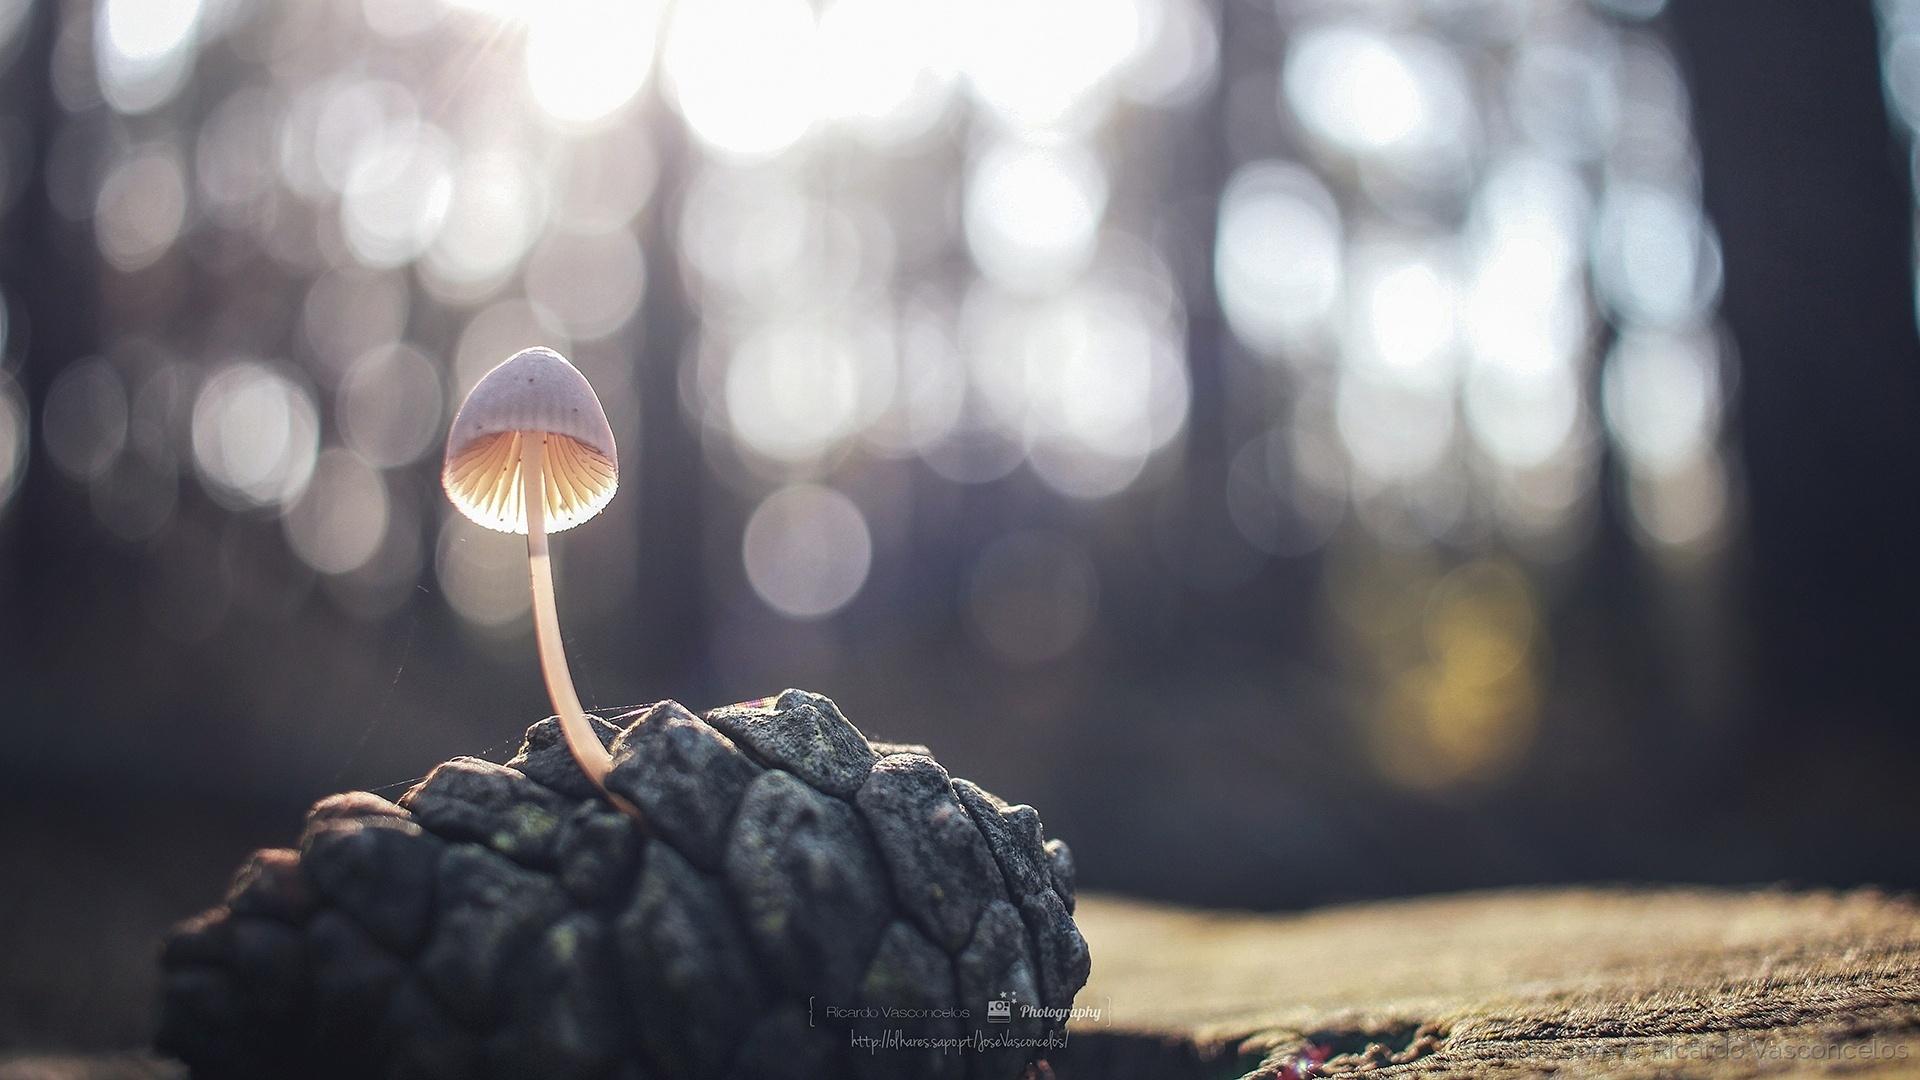 © Ricardo Vasconcelos - O pequeno candeeiro